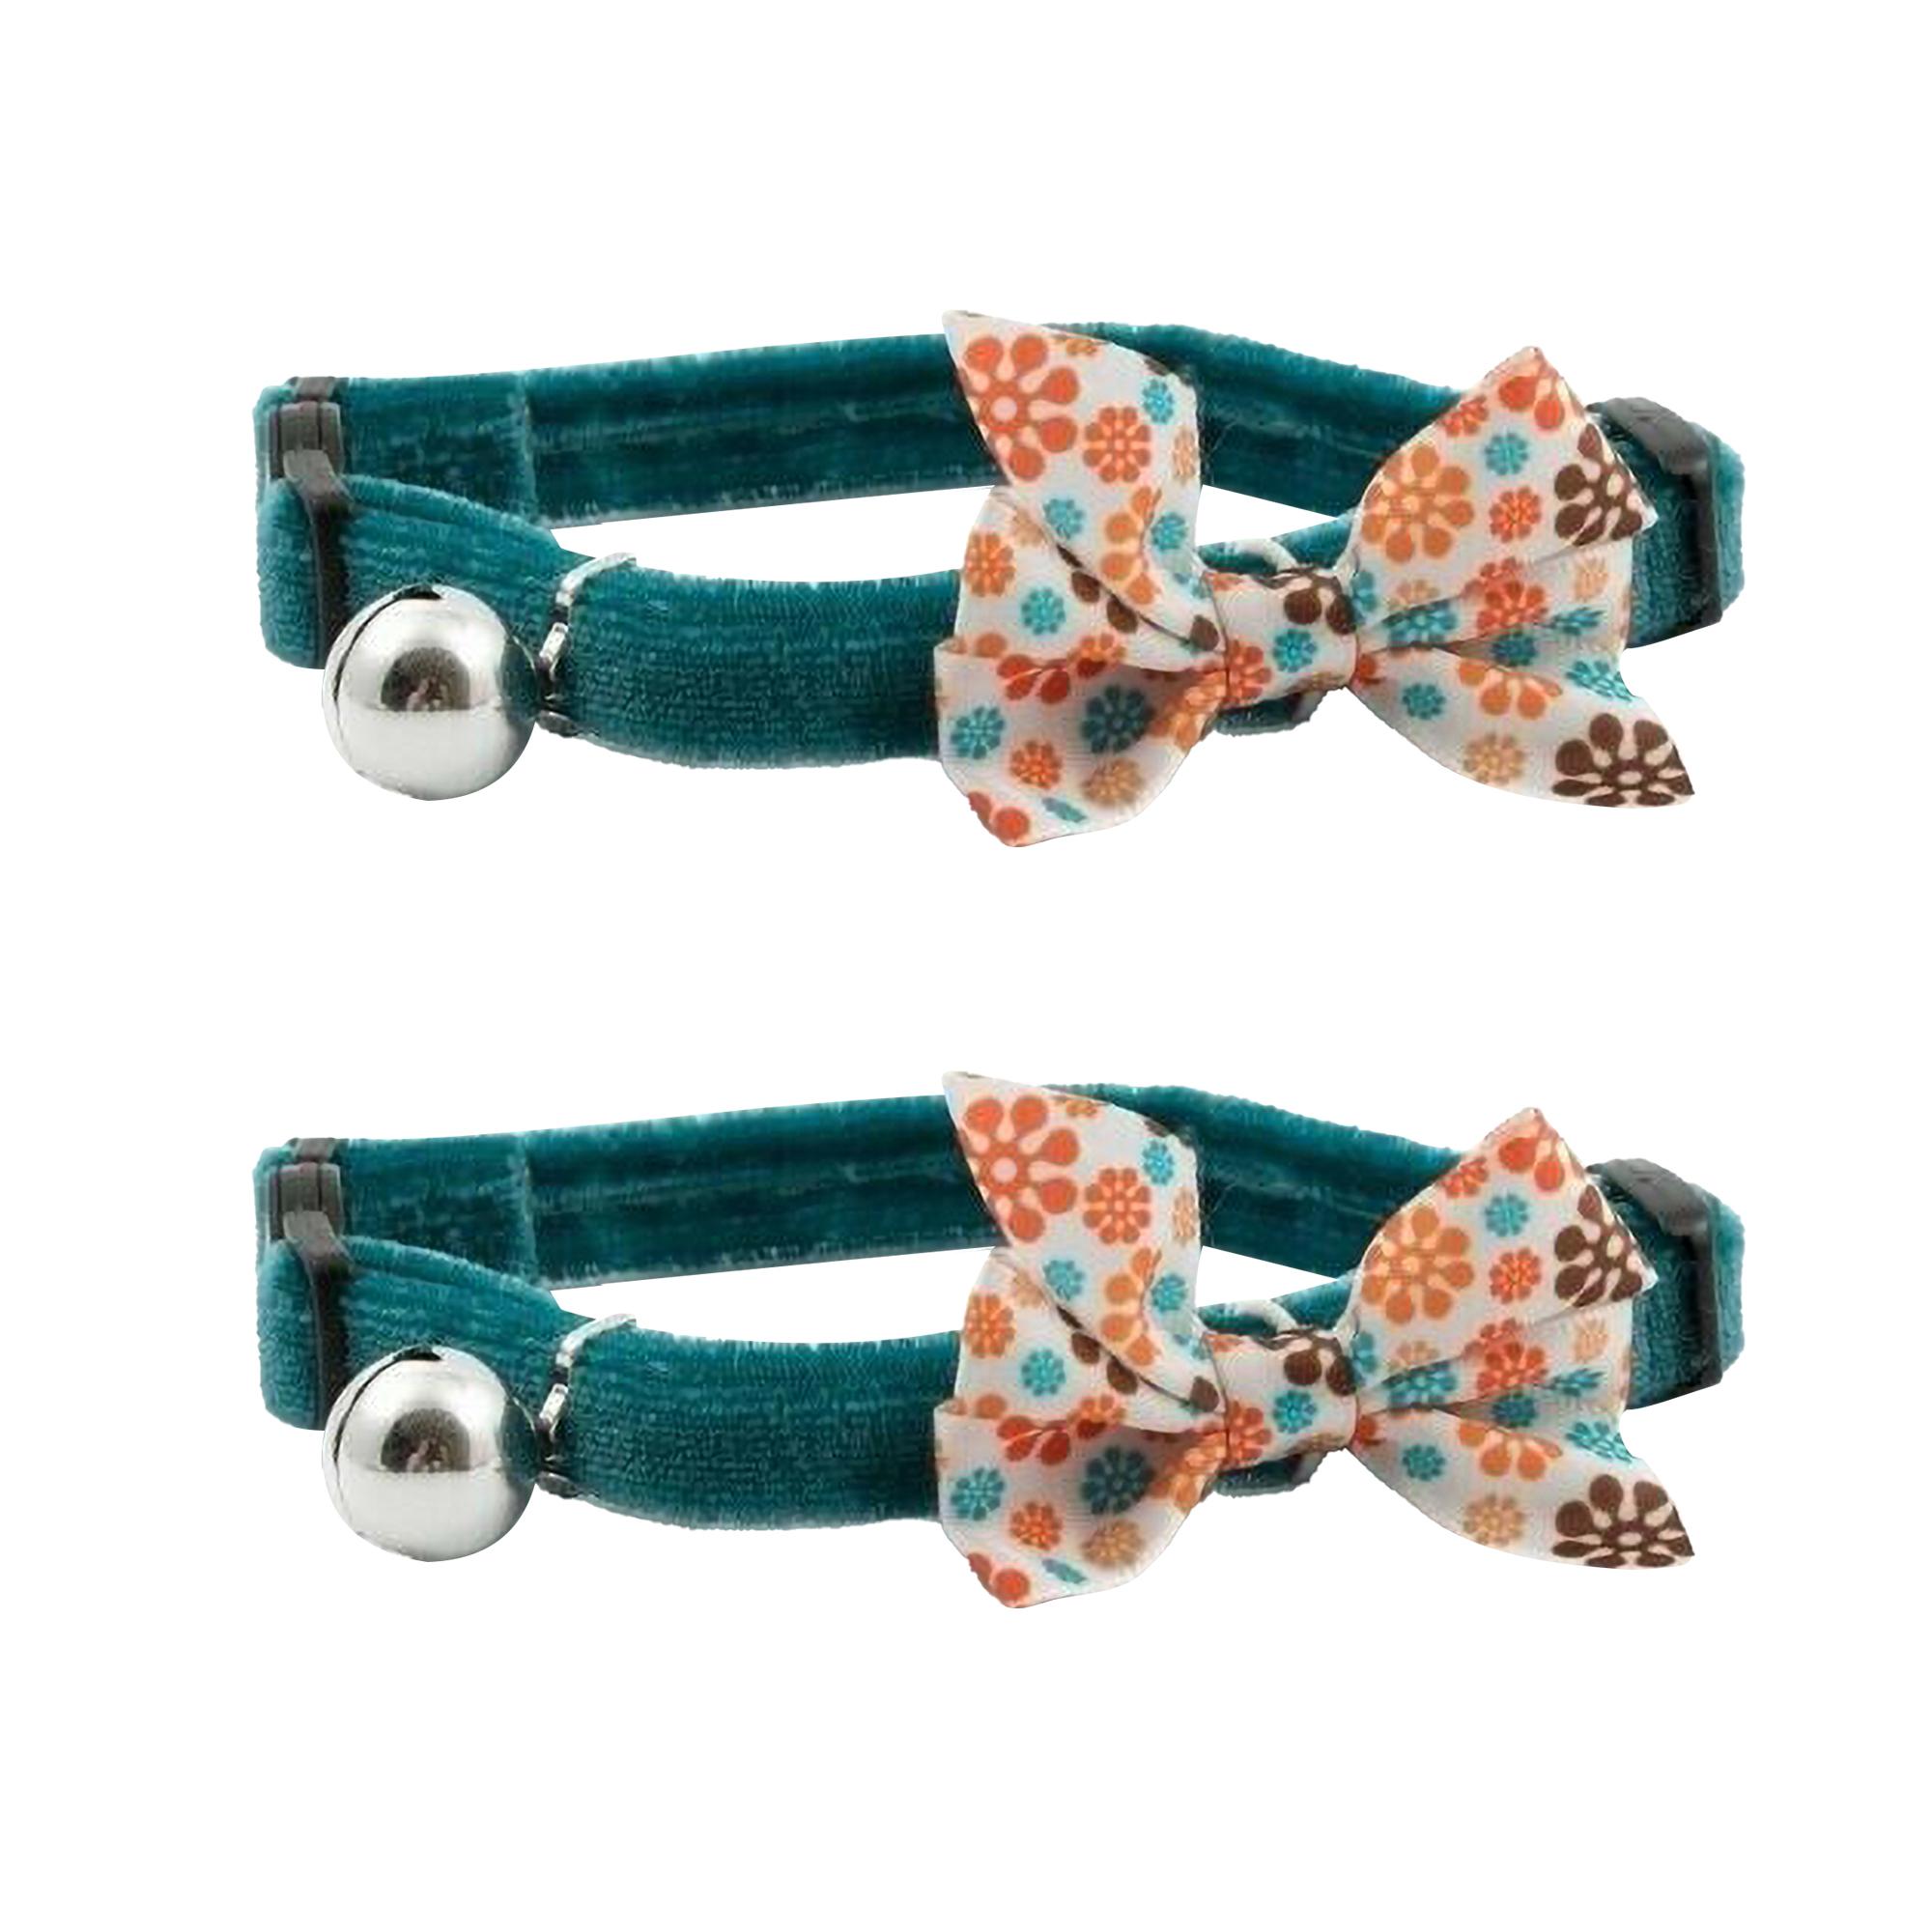 Ancol-Collare-vintage-con-fiocco-per-gatti-BT1593